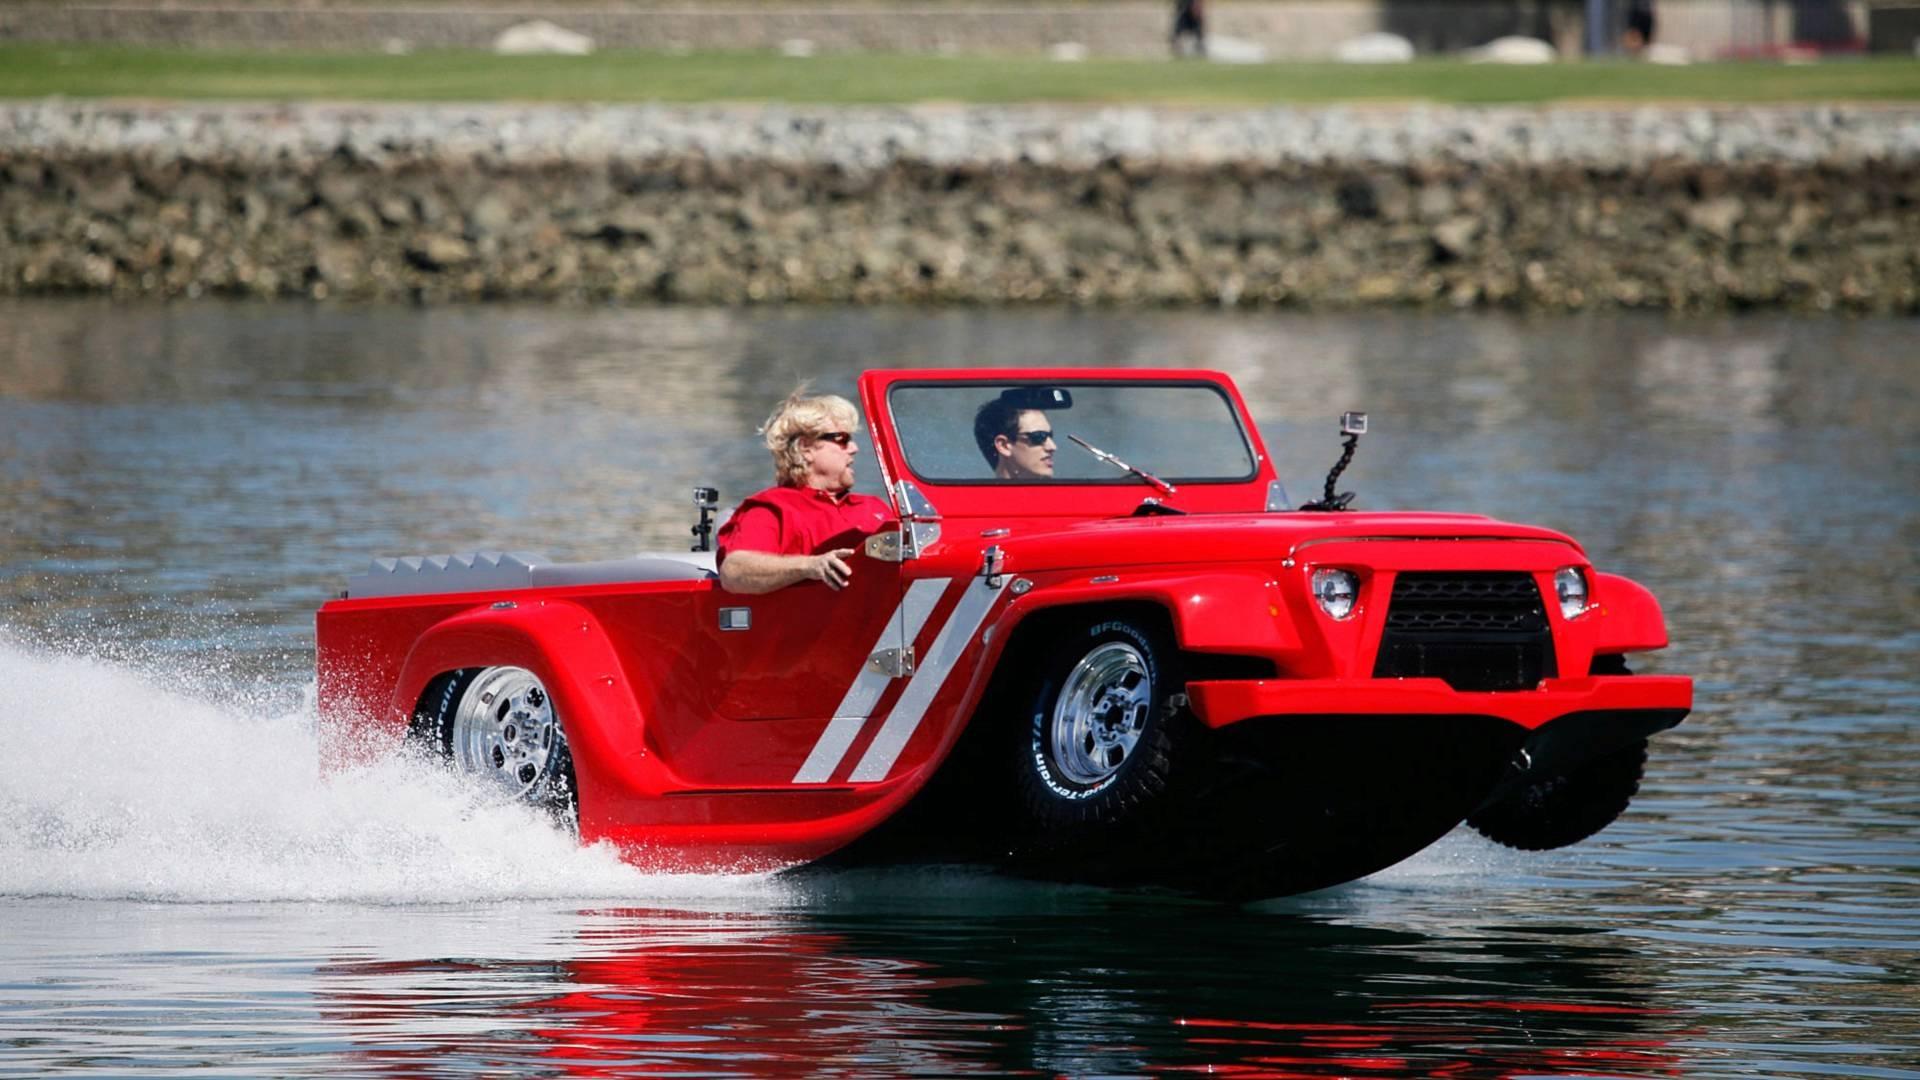 خودرویی برای رانندگی در خشکی و آب